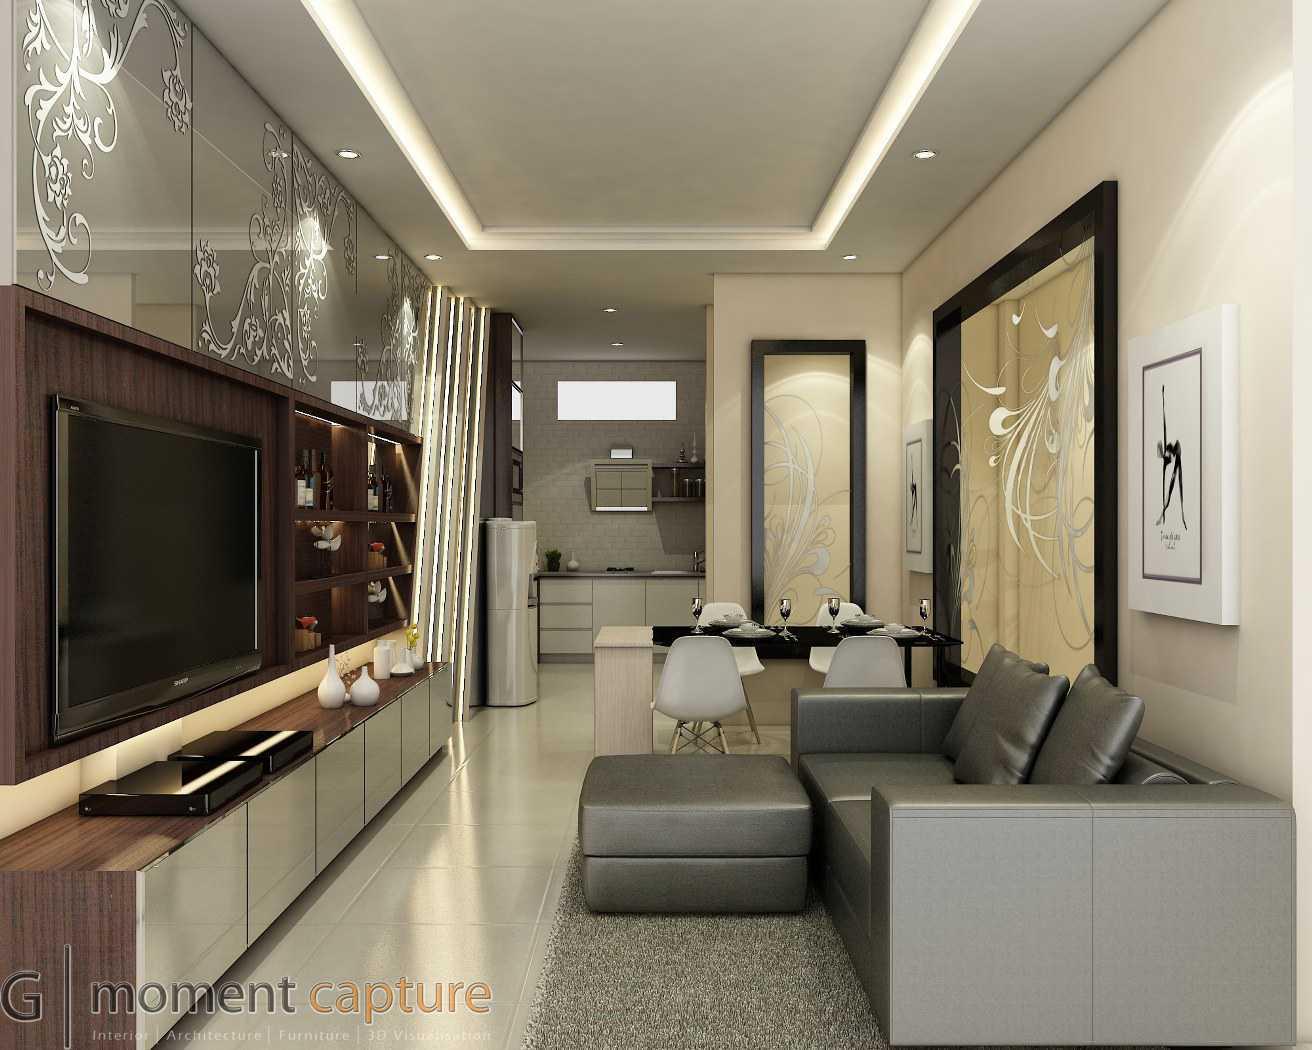 G | Momentcapture Private Residence 2 Daerah Khusus Ibukota Jakarta, Indonesia Daerah Khusus Ibukota Jakarta, Indonesia Living Room Modern 40691